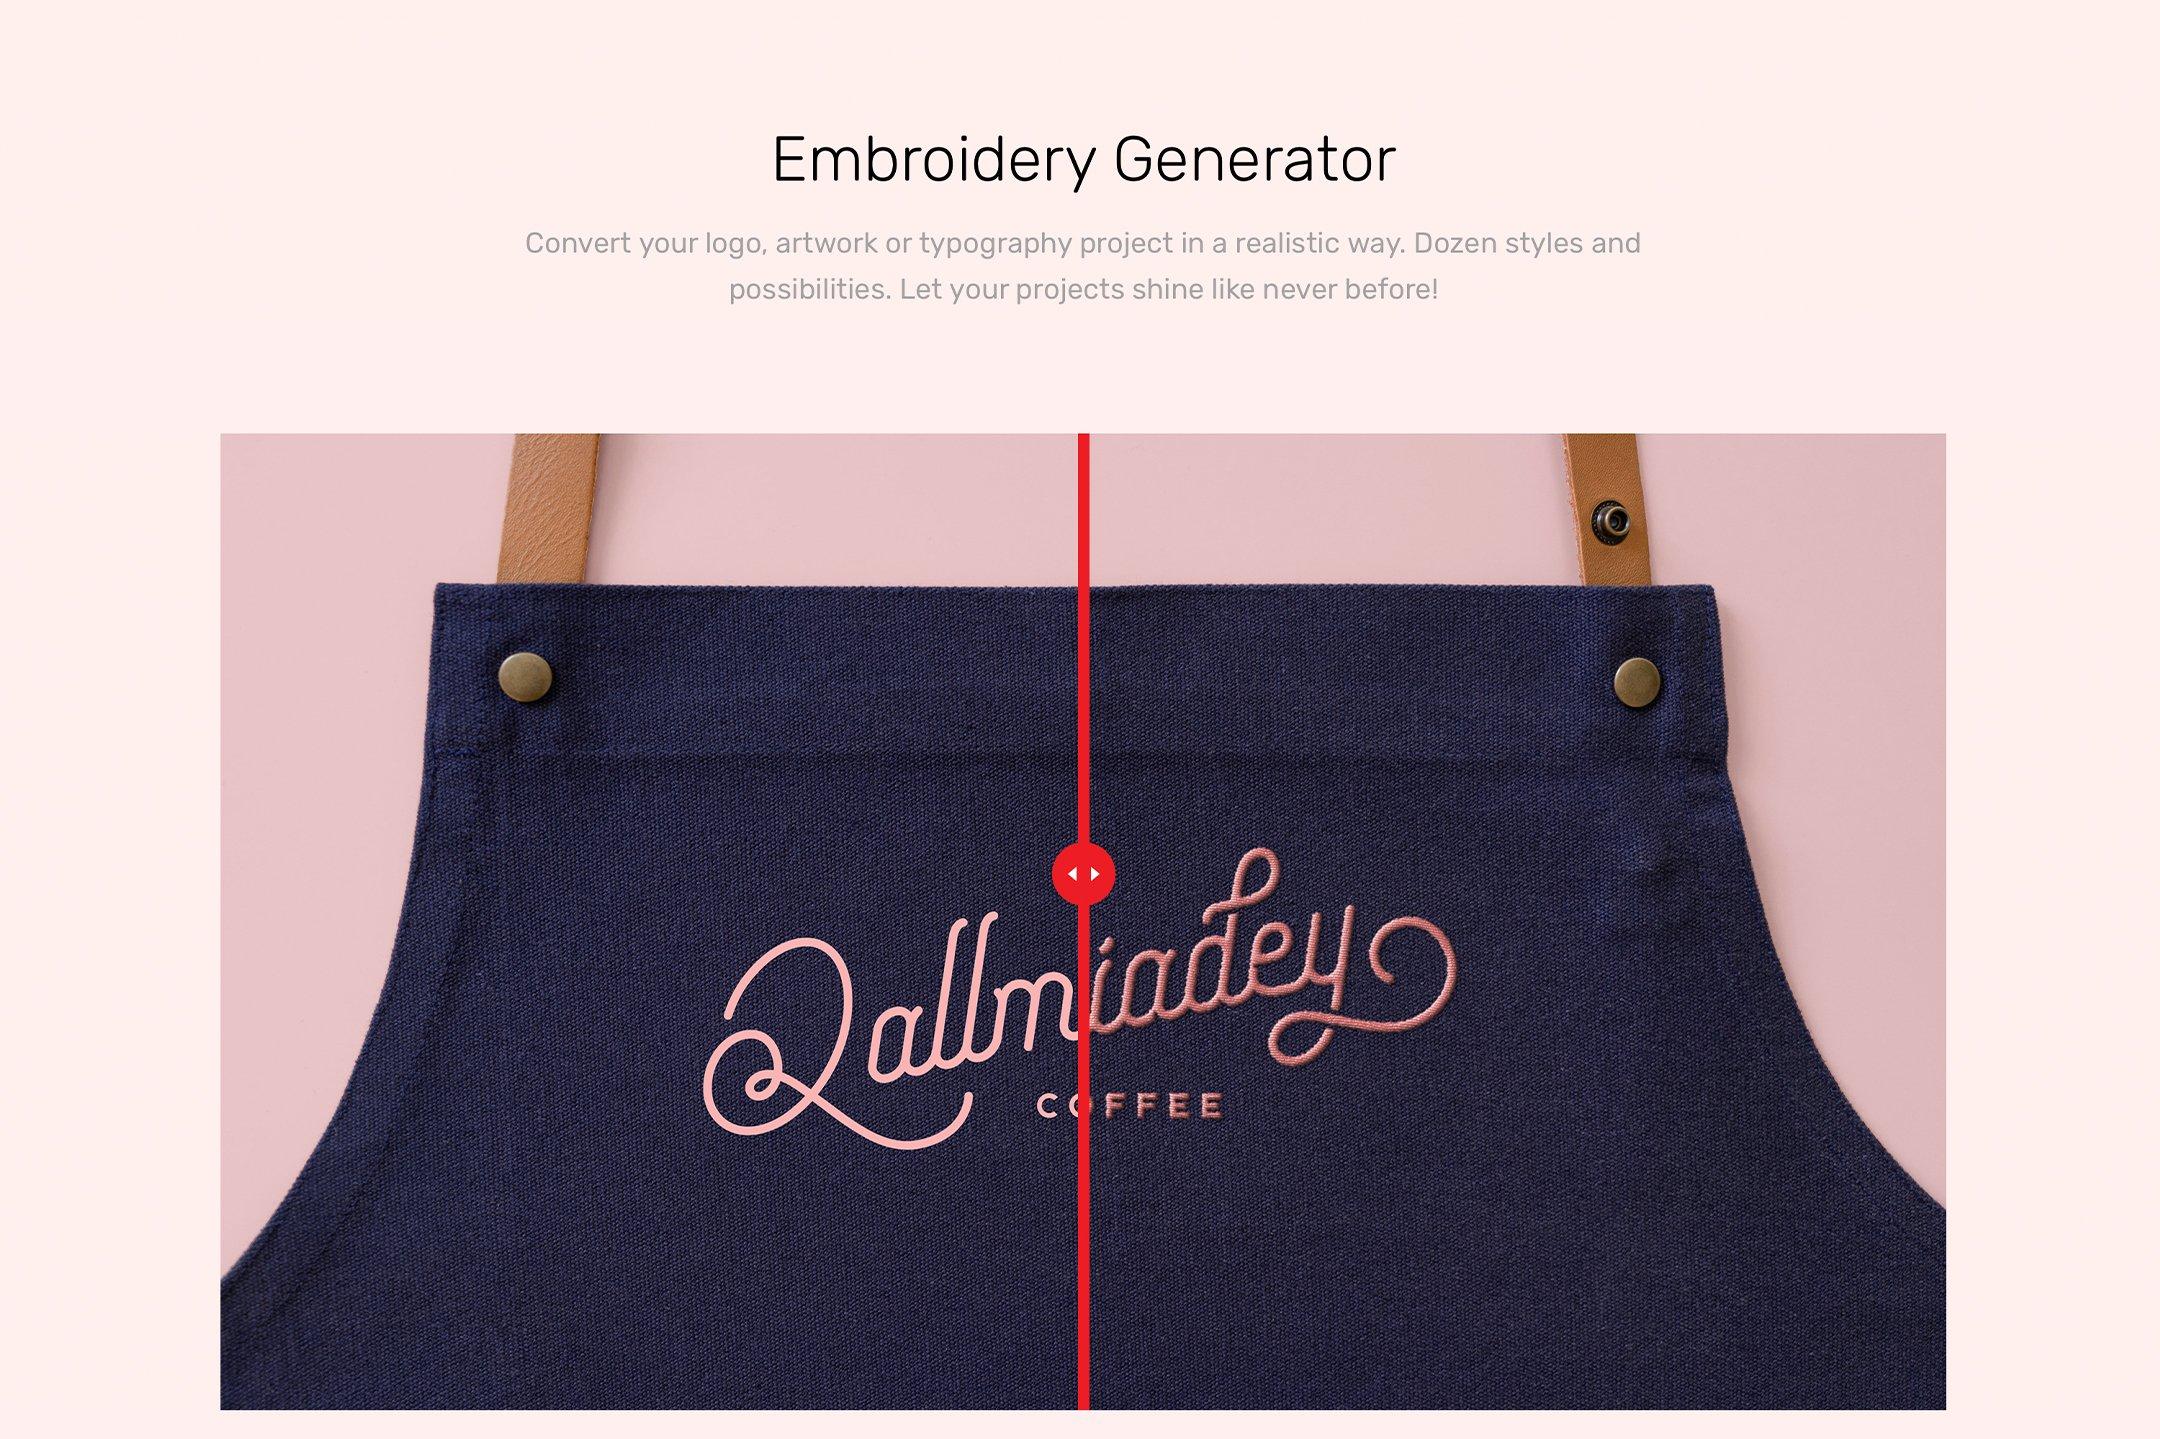 高质量纹理状织物牛仔裤胶合板围裙补丁刺绣生成PSD样机模板(4332)插图(10)